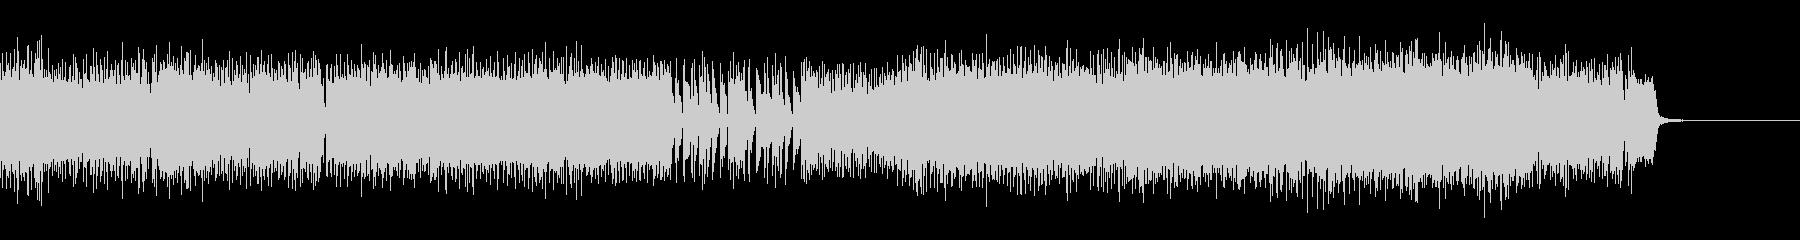 エレキギターとシンセの激しいロック_Mの未再生の波形